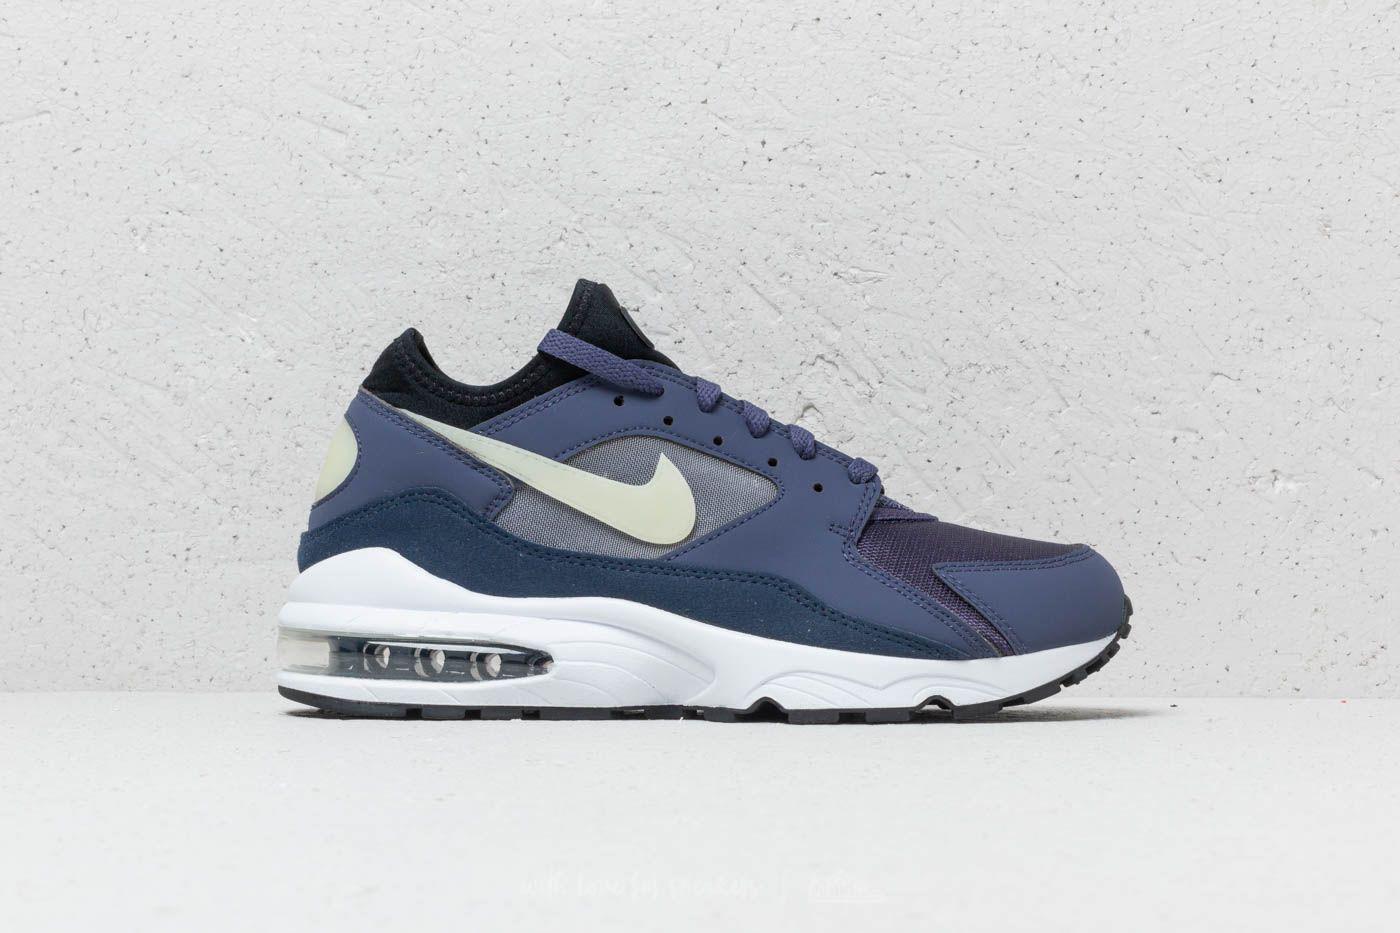 Lyst - Nike Air Max 93 Neutral Indigo  Obsidian-fossil in Blue for Men 1dad805de